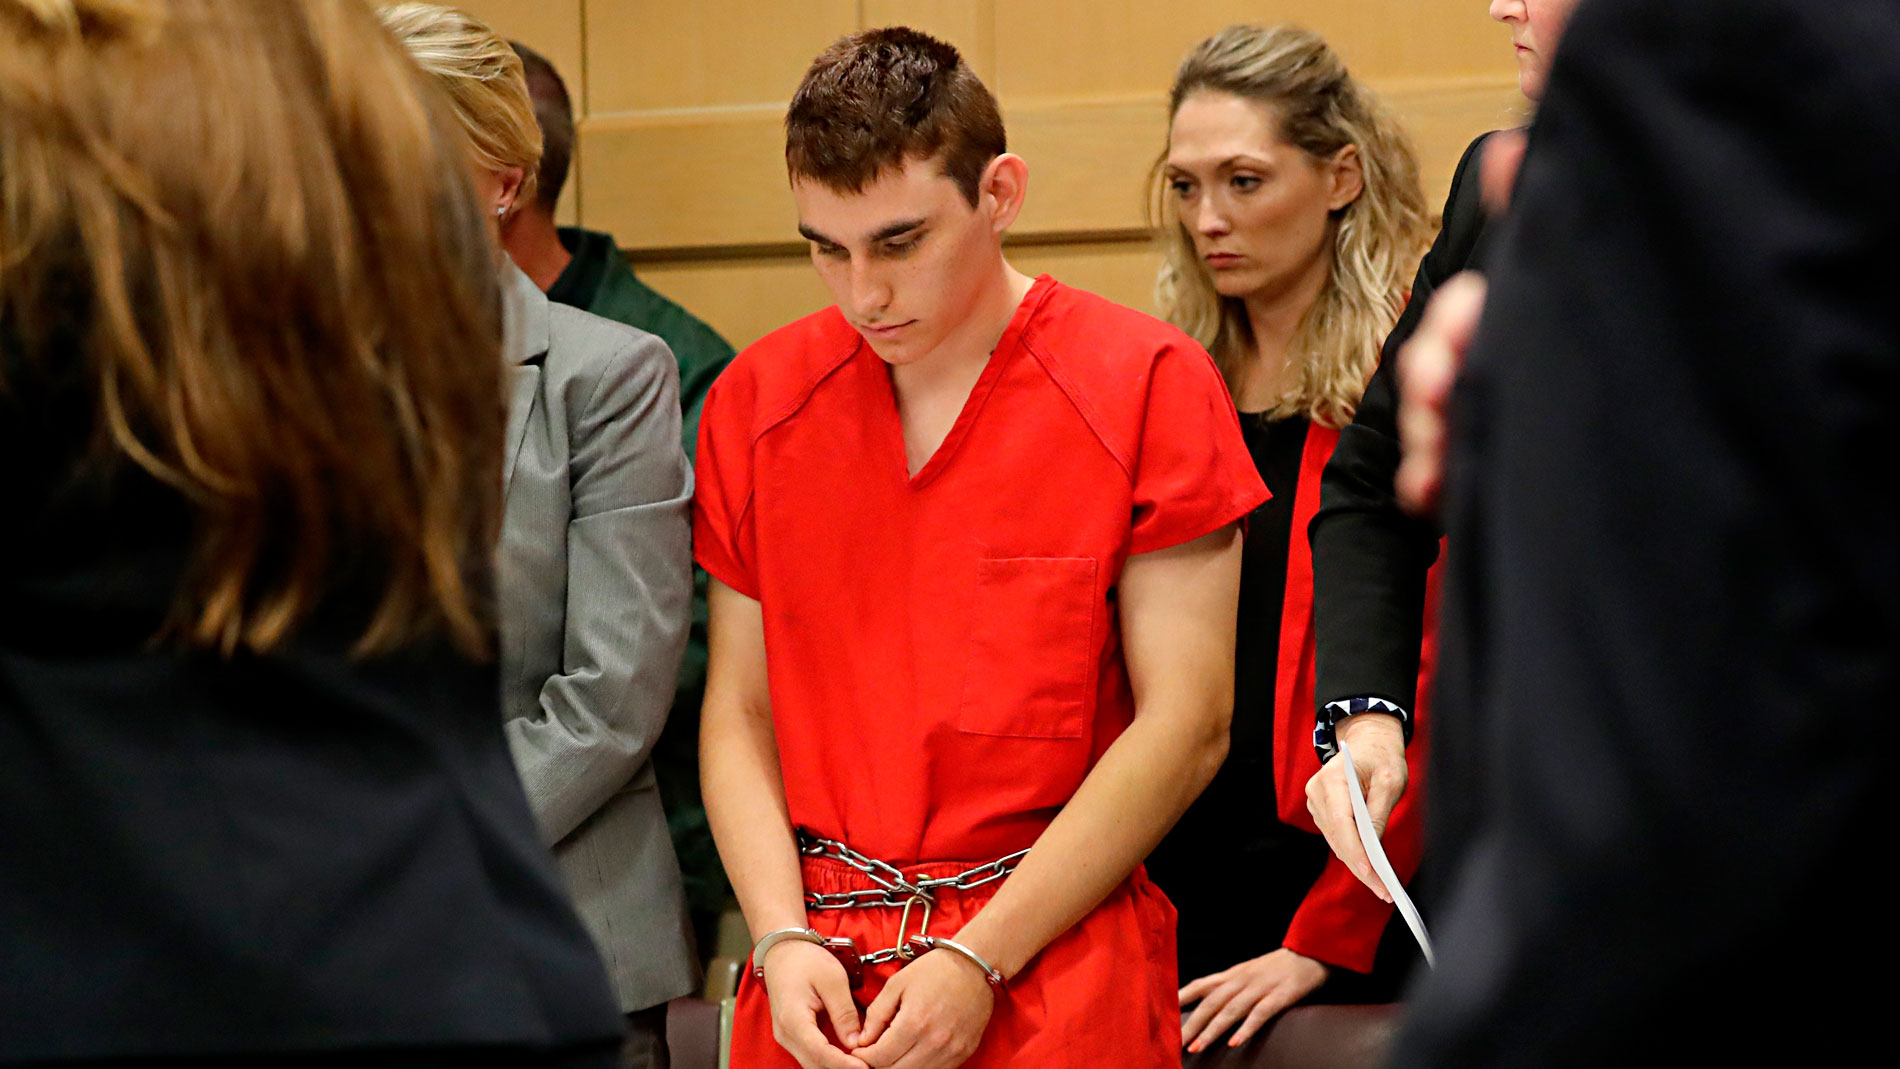 El tirador del instituto de Florida vuelve a comparecer ante la justicia